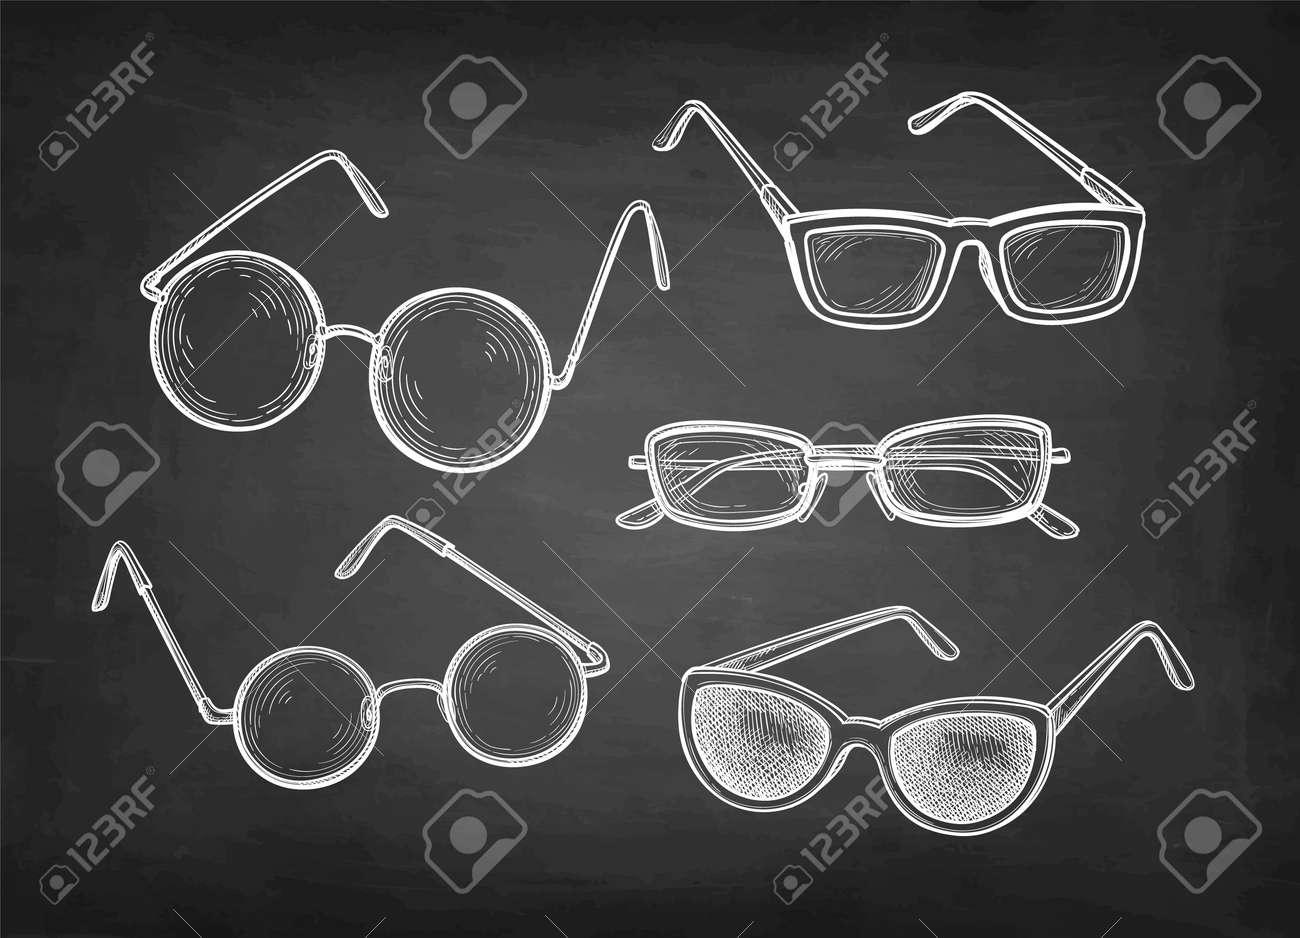 Chalk sketch set of eyeglasses. - 171667115